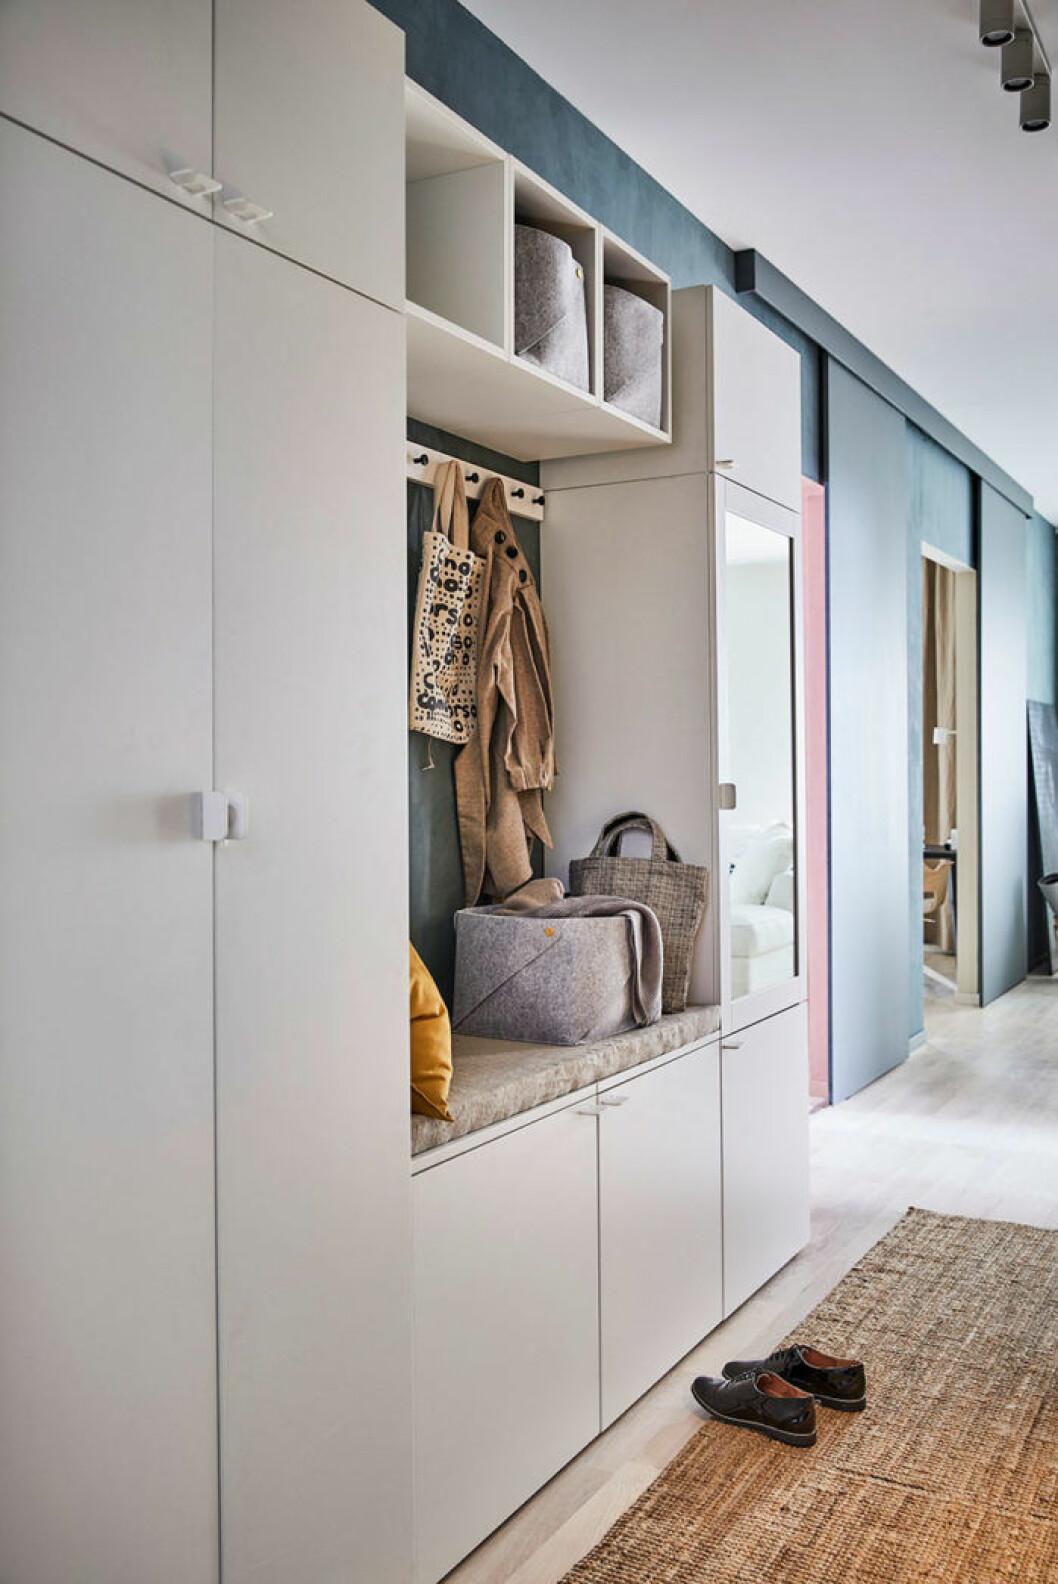 Ikea katalog garderob